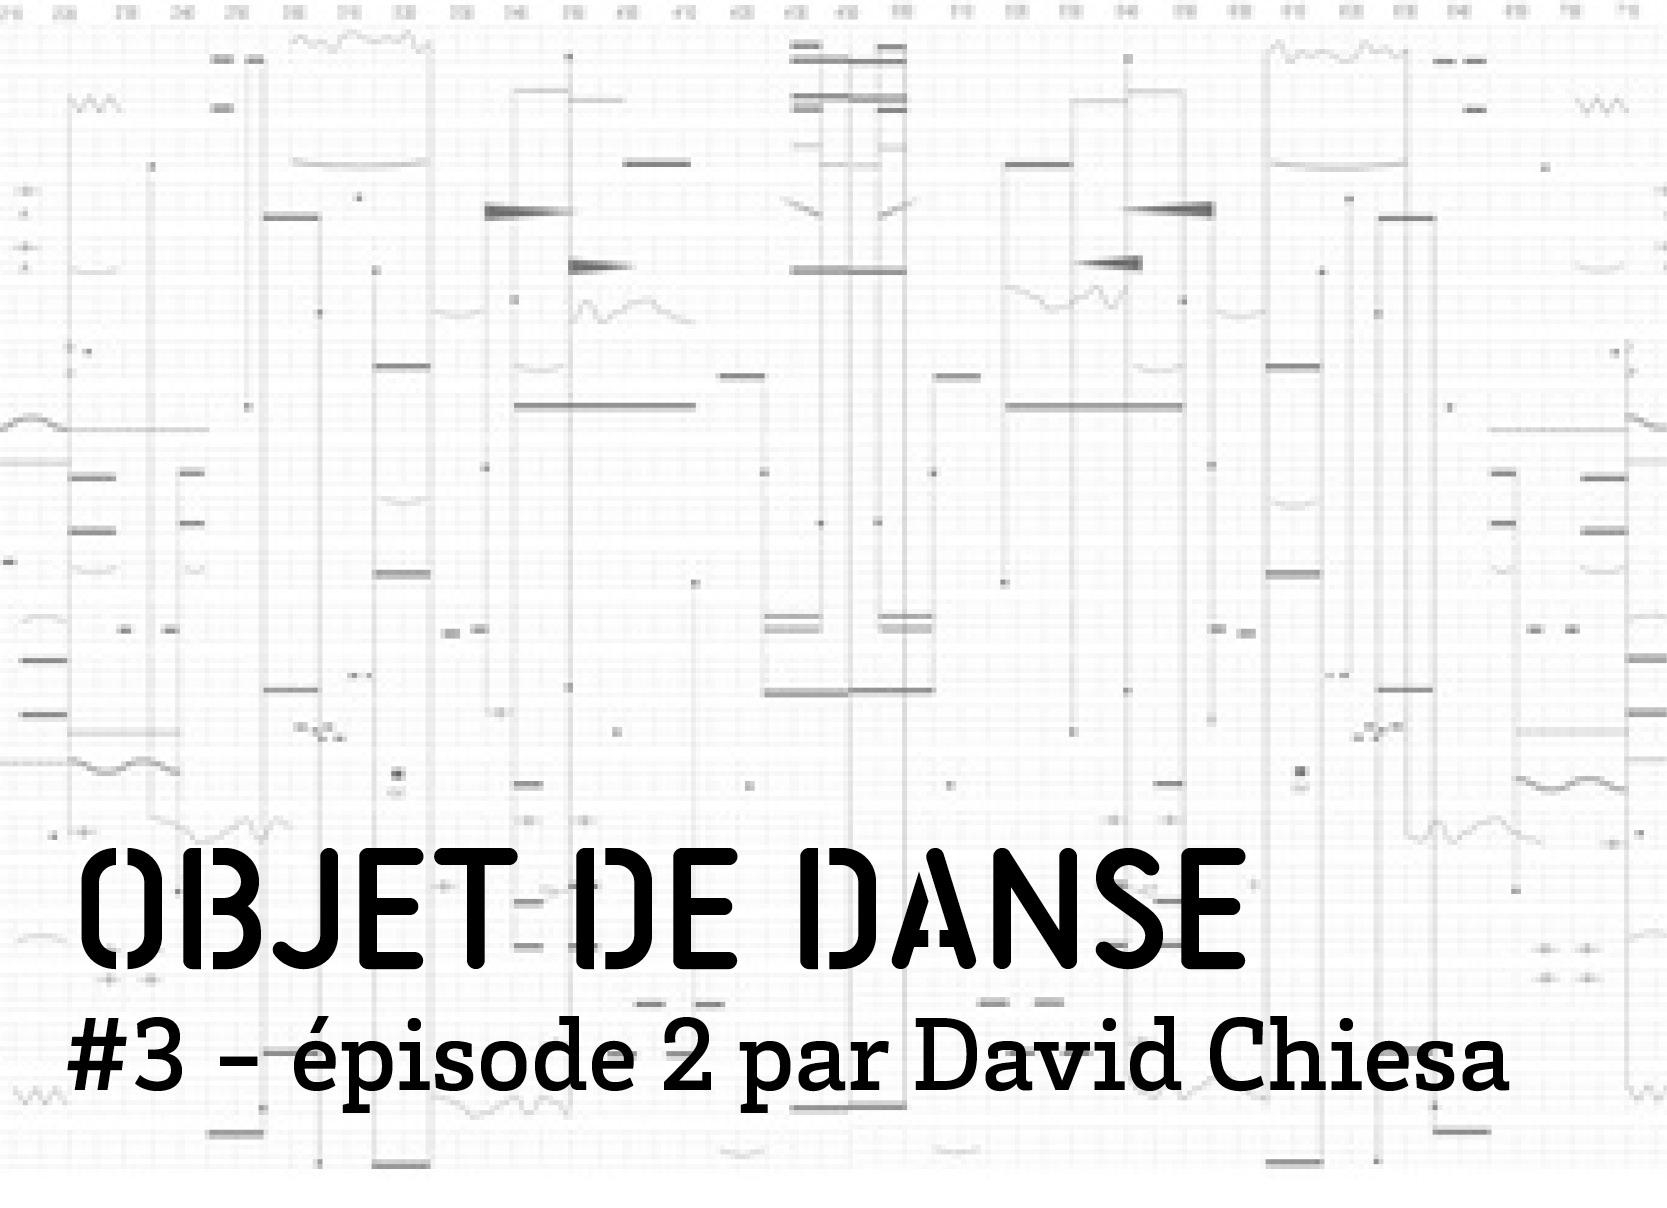 objet de dance3 episode 2 Canicule par David Chiesa